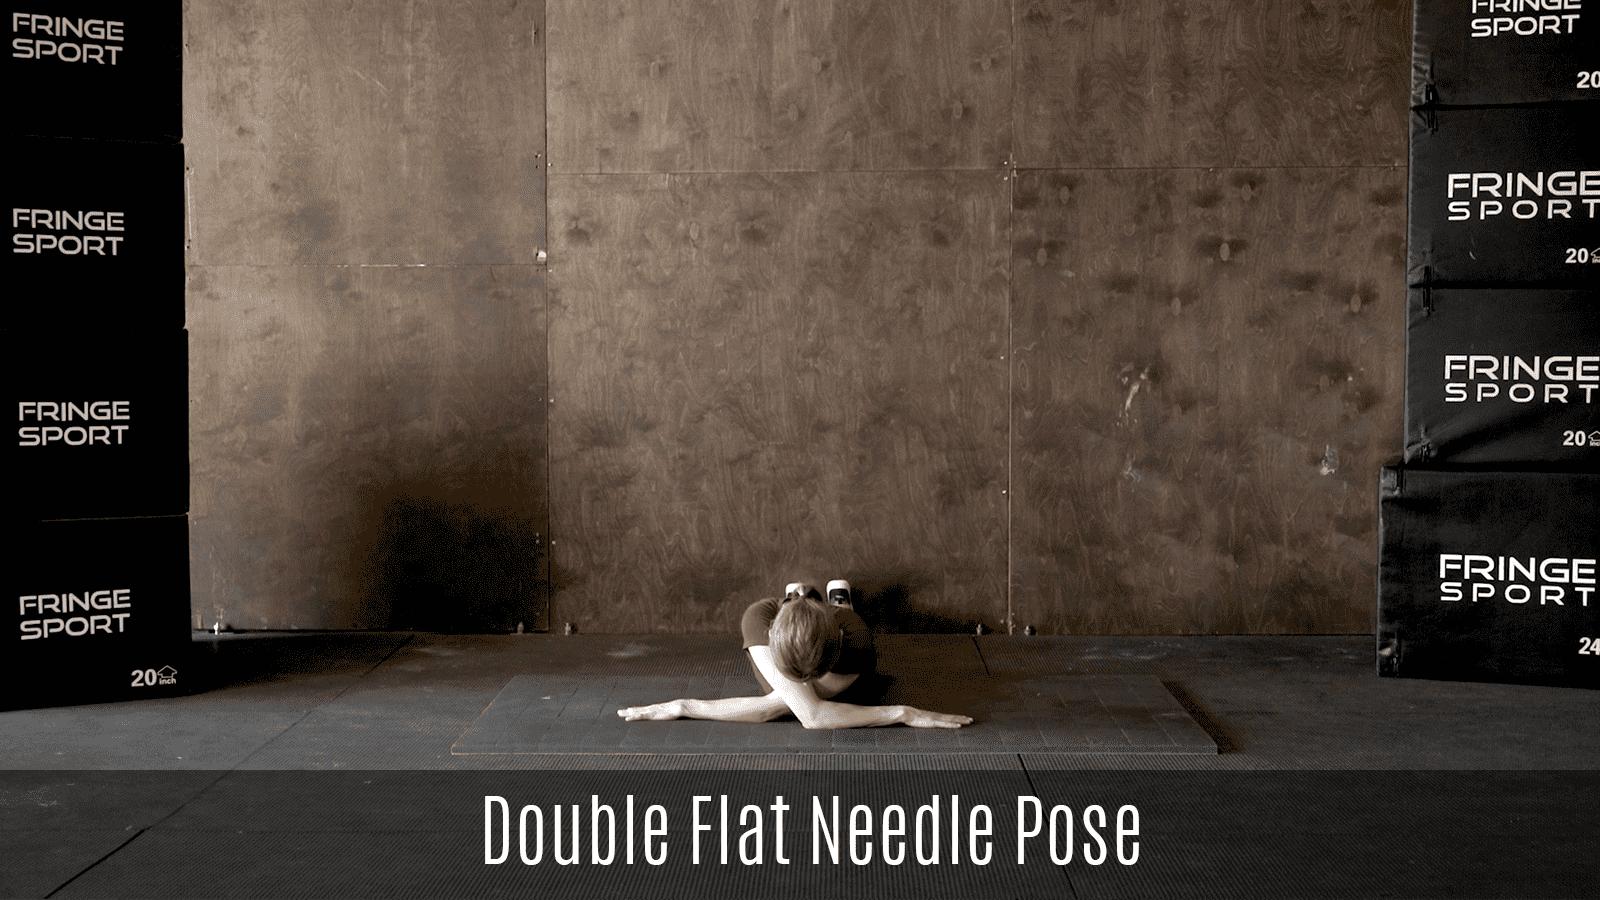 double flat needle pose demo